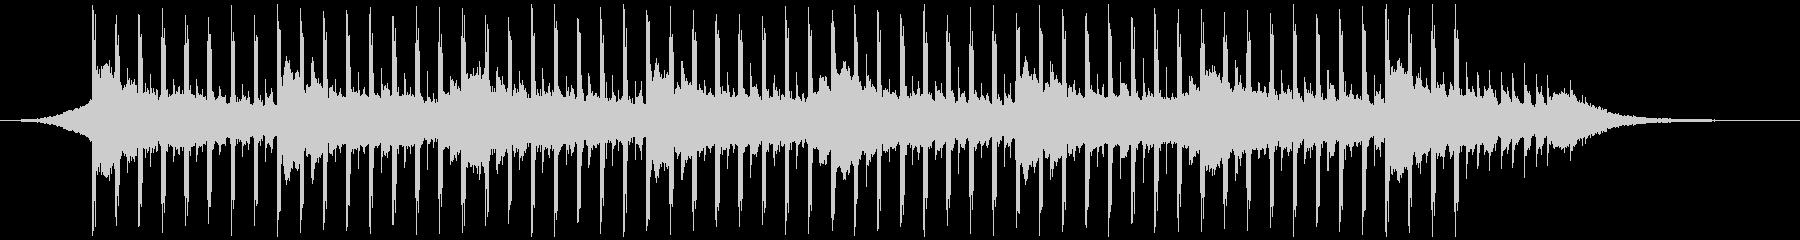 プレゼンテーション音楽(40秒)の未再生の波形